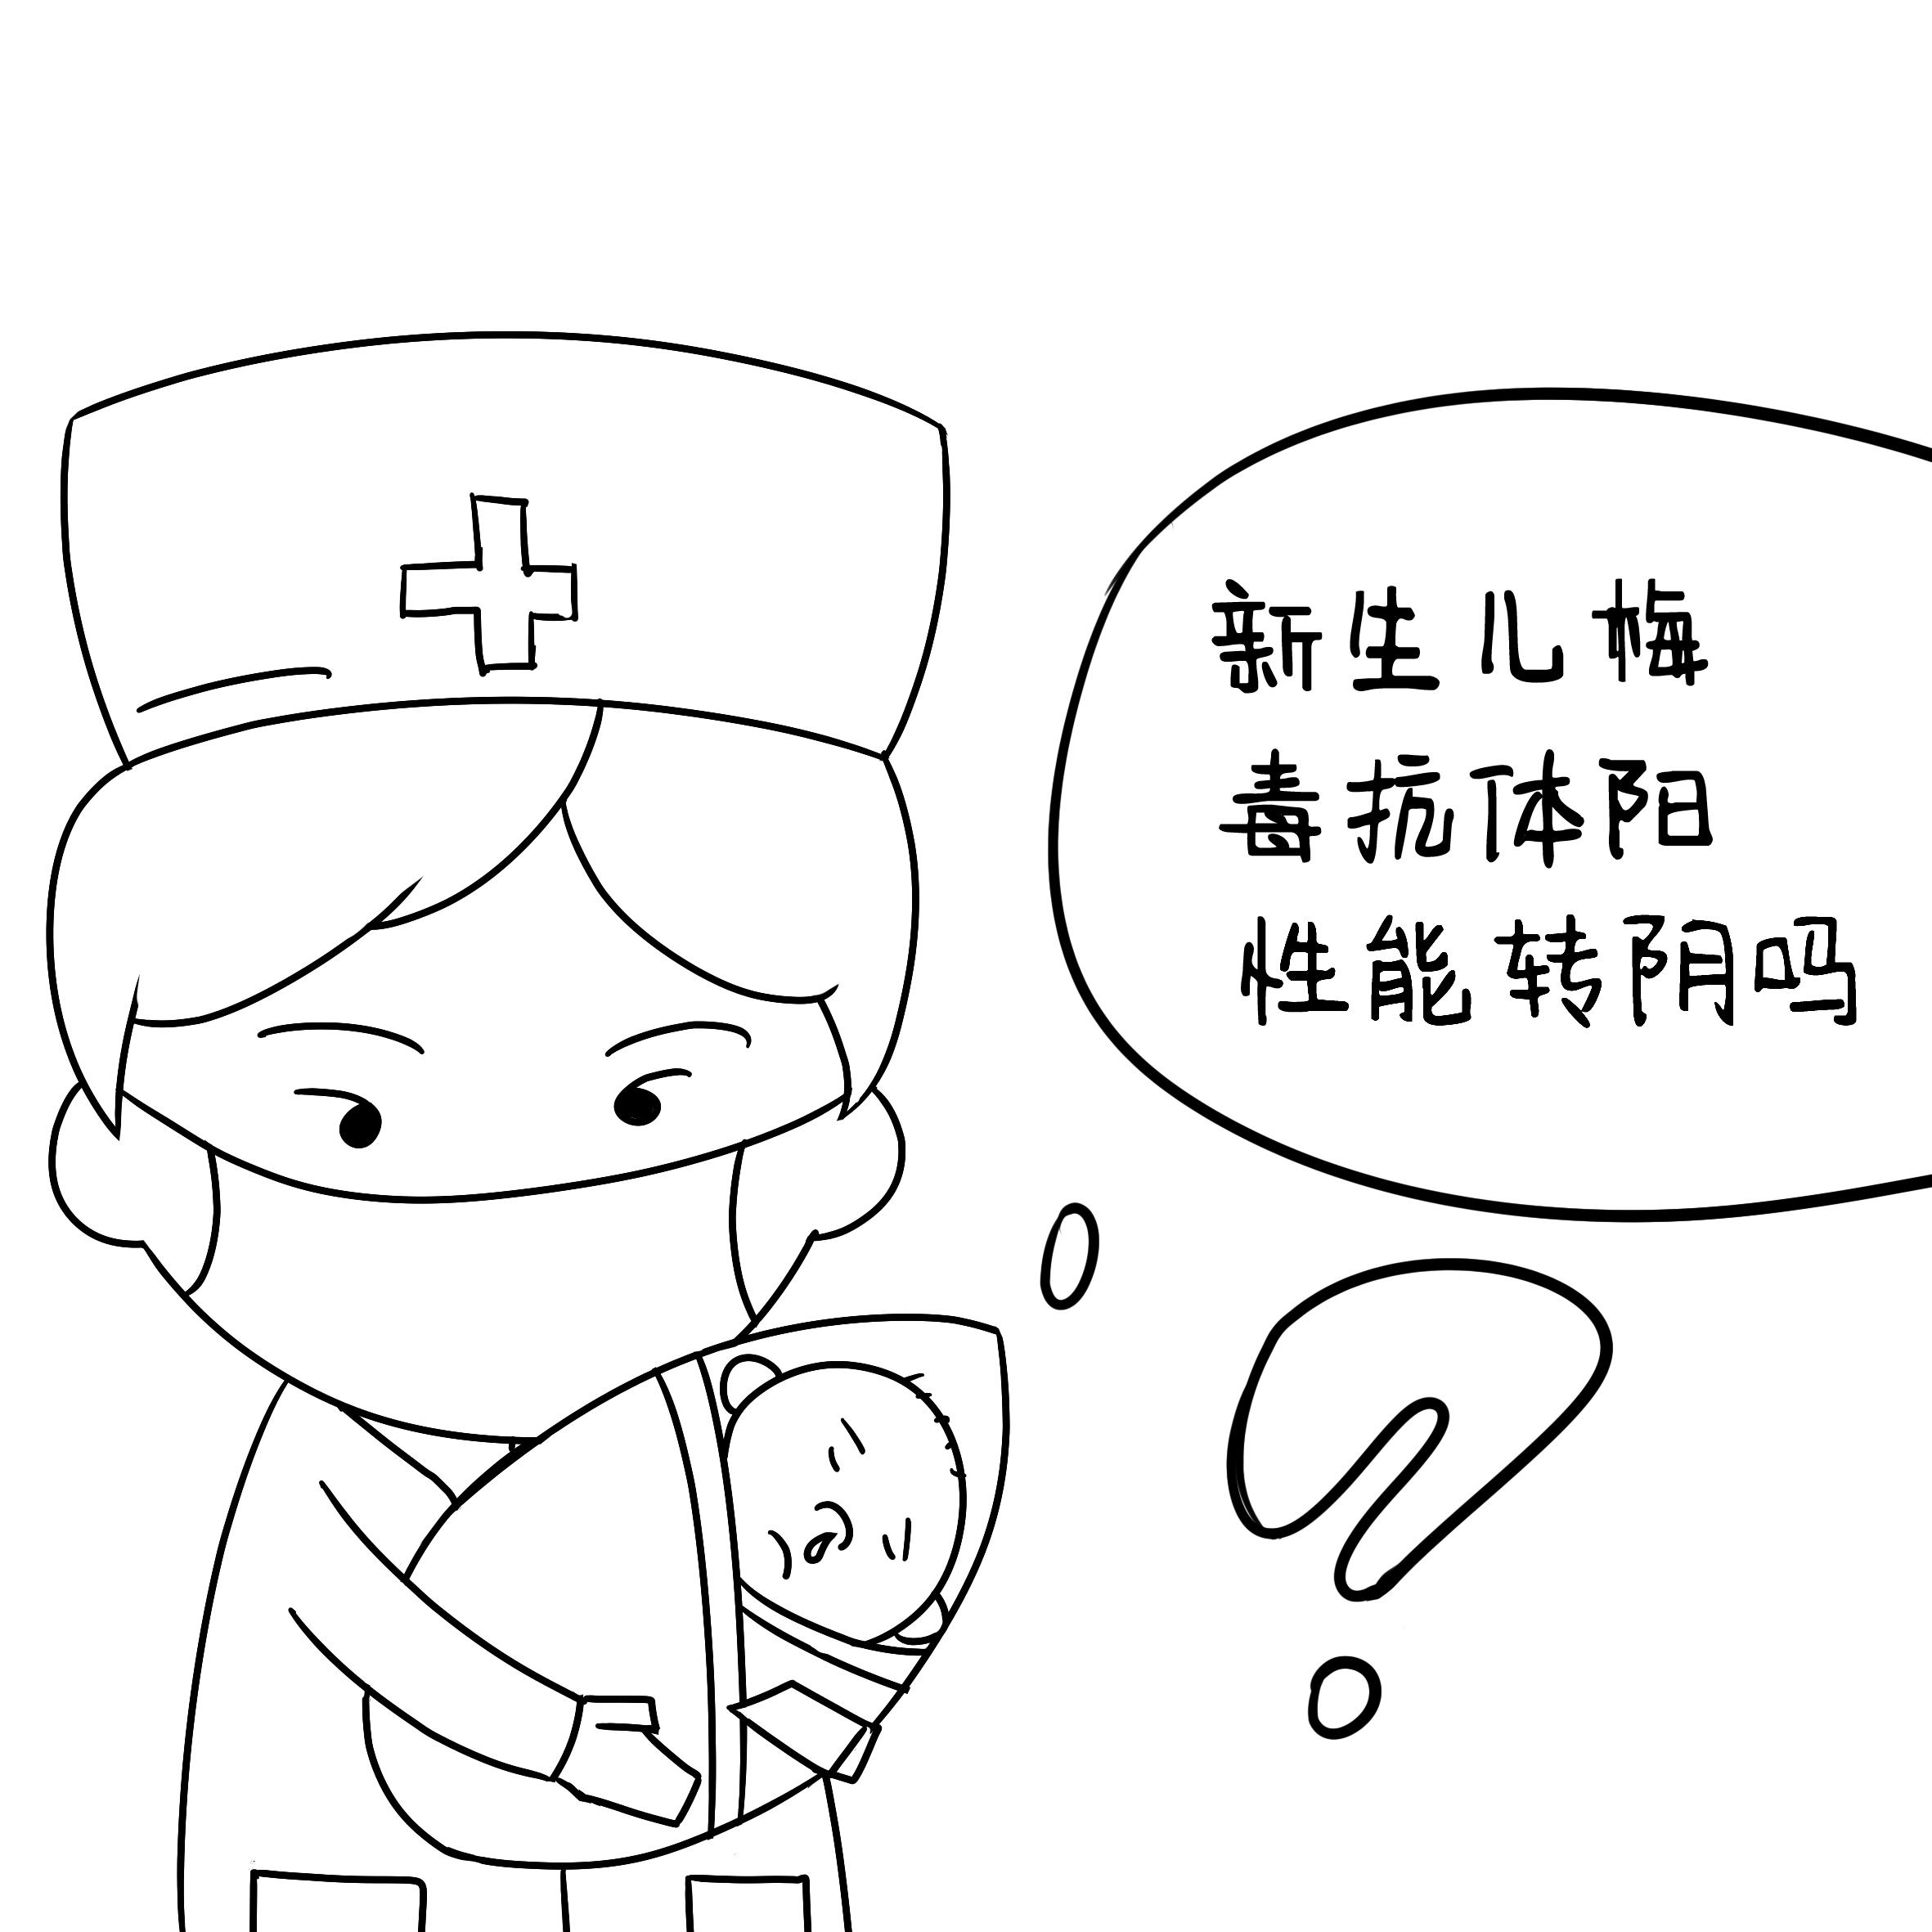 新生儿梅毒抗体阳性能转阴吗